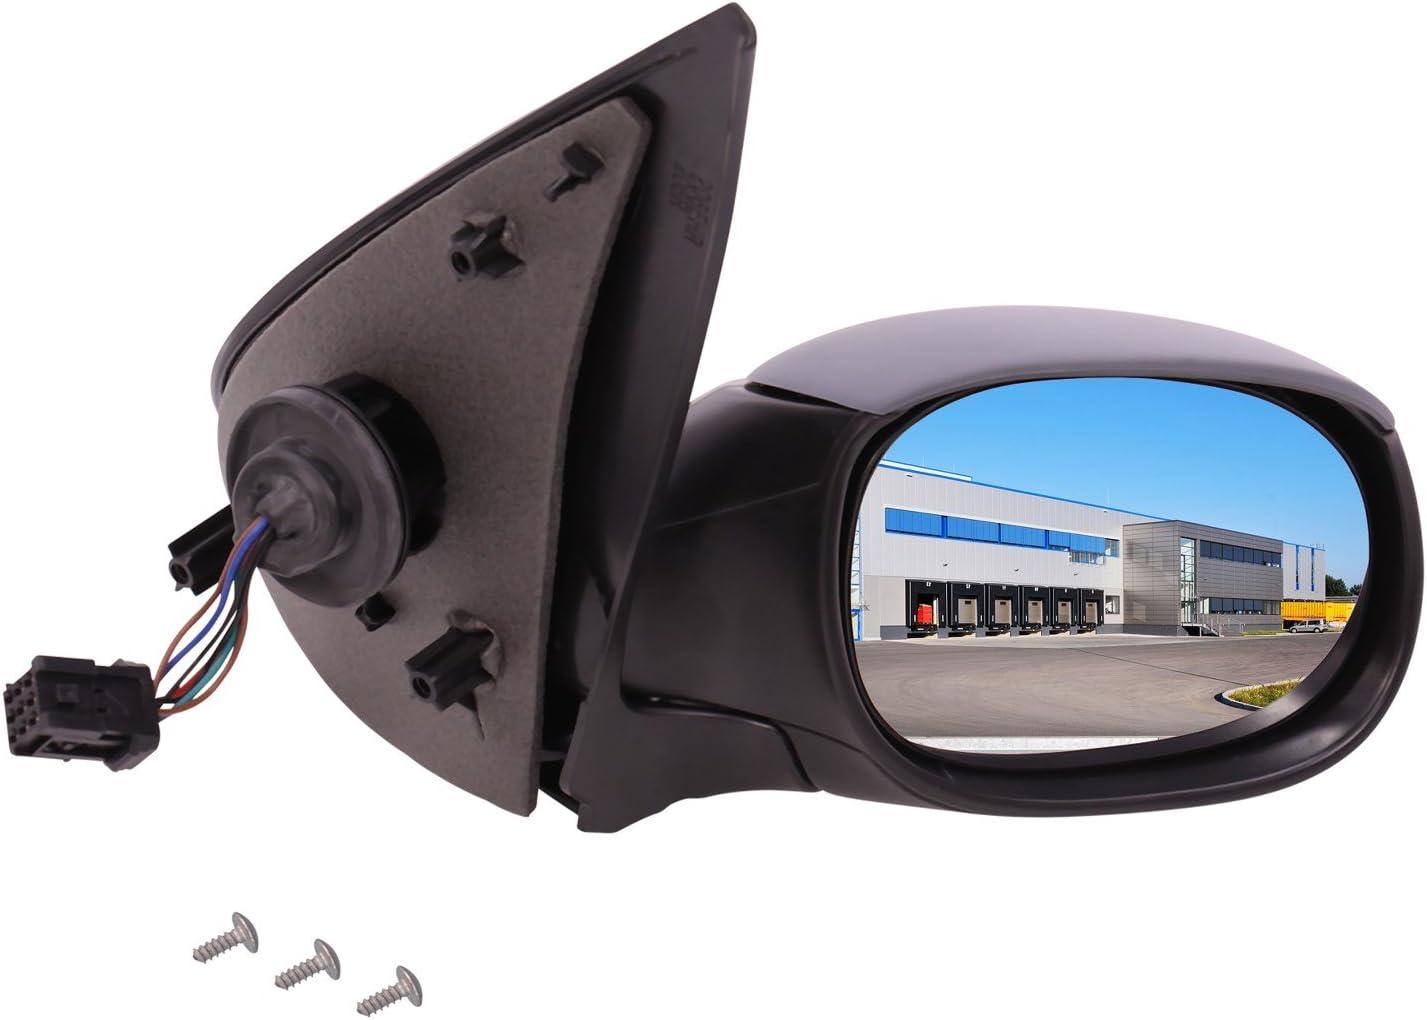 Außenspiegel Spiegel Rechts Konvex Beheizbar Für Elektr Spiegelverstellung Grundiert Mit Temperatursensor Auto